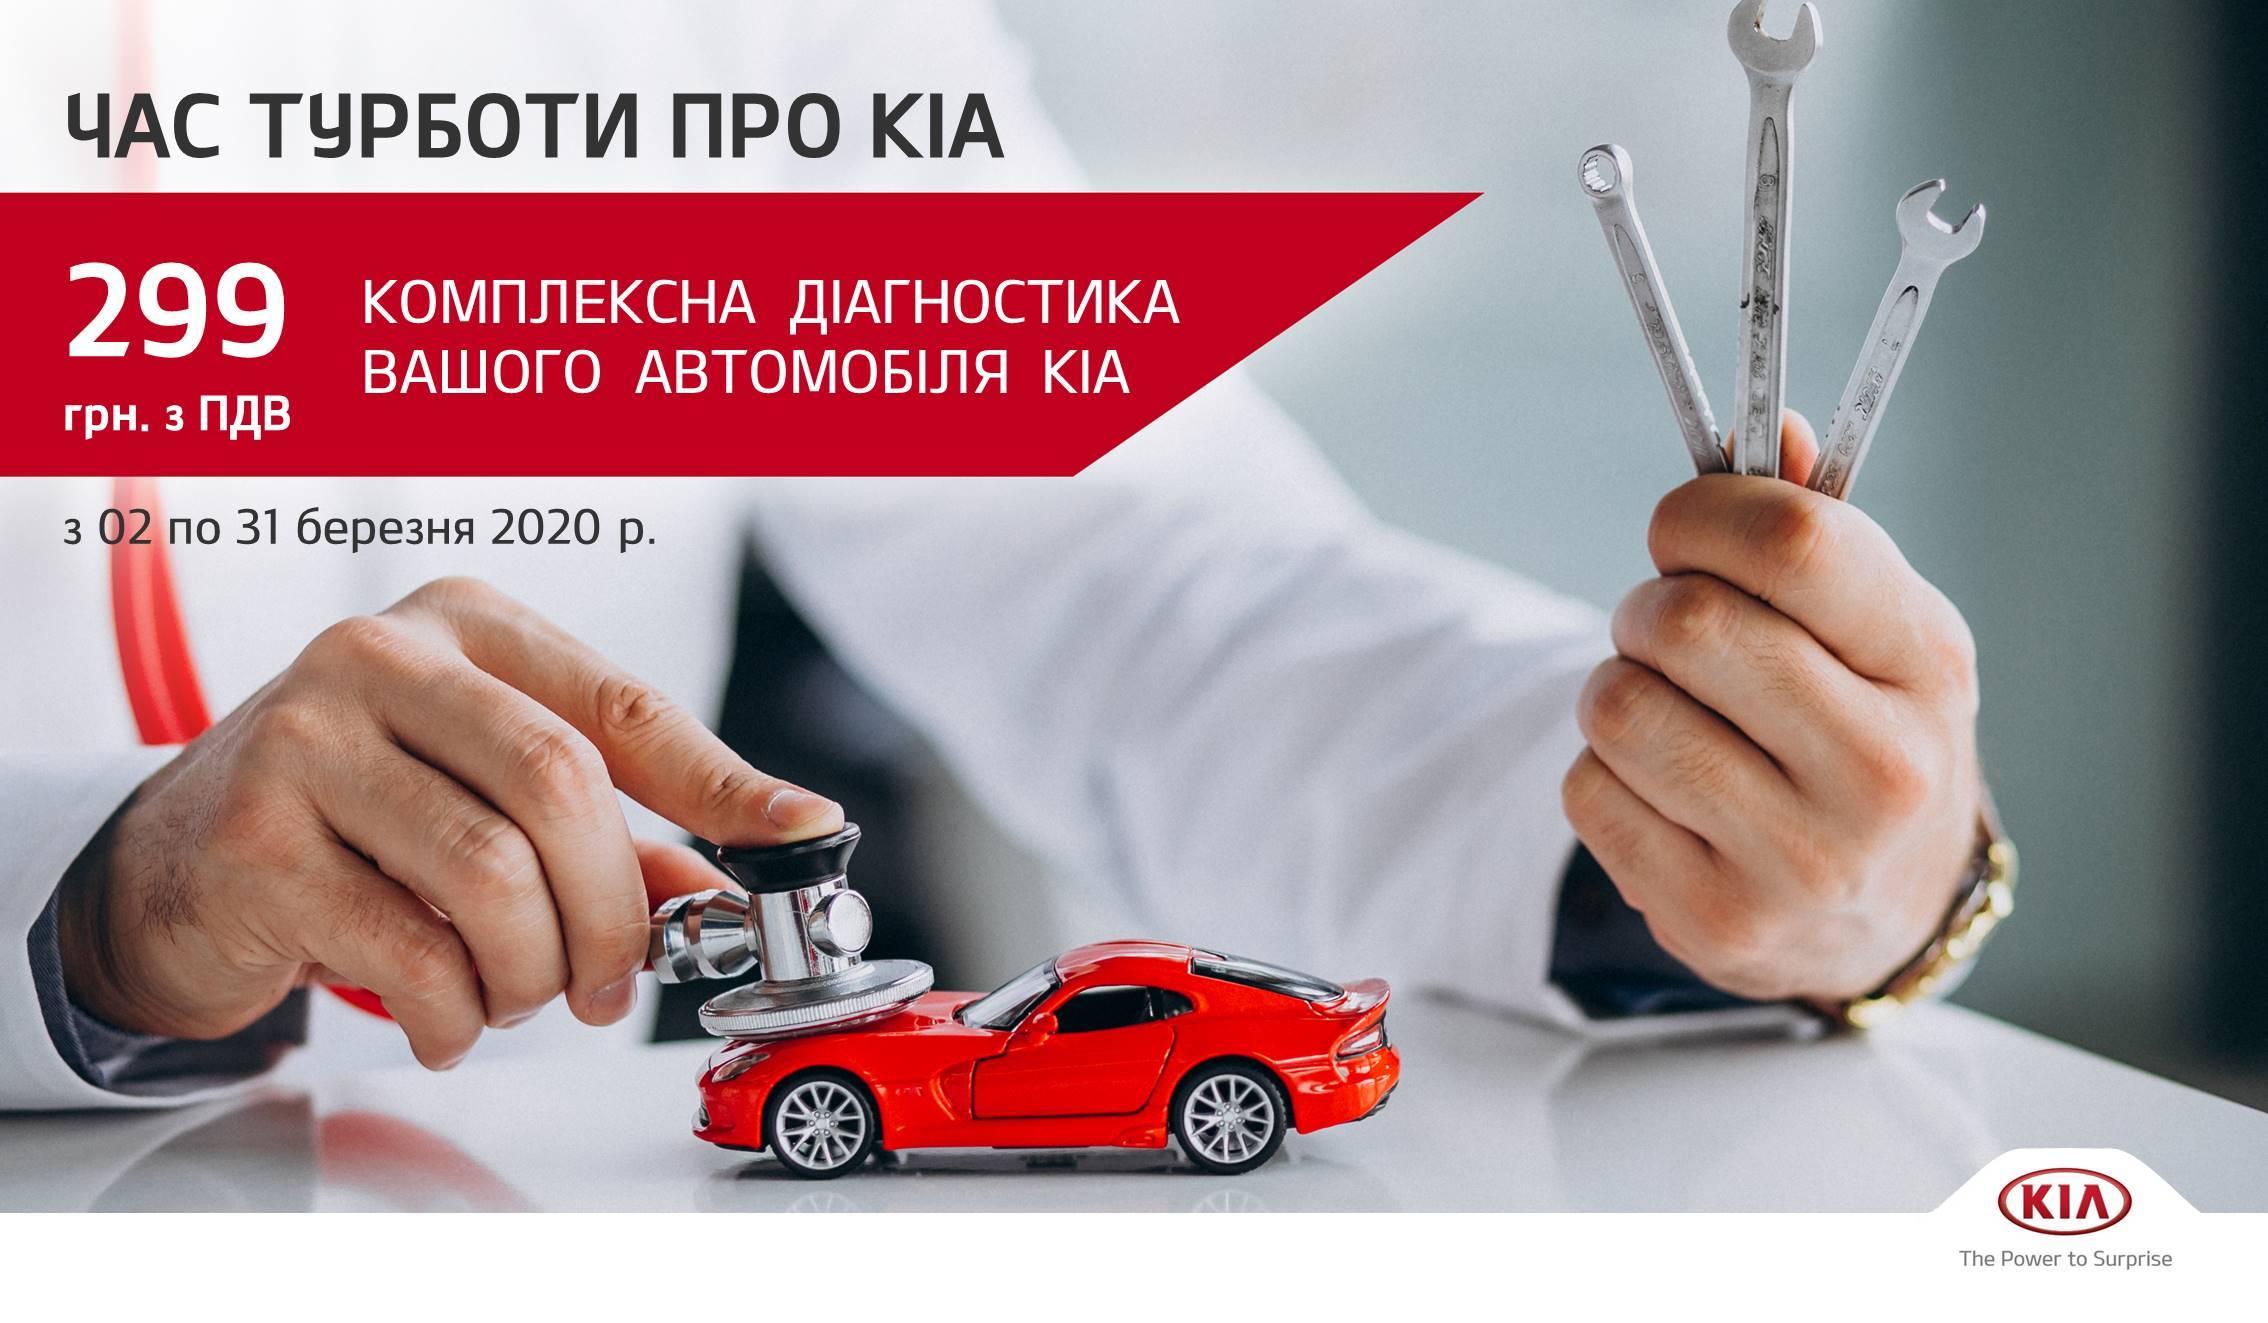 «Час турботи про KIA»: проведи комплексну діагностику свого авто лише за 299 грн.!